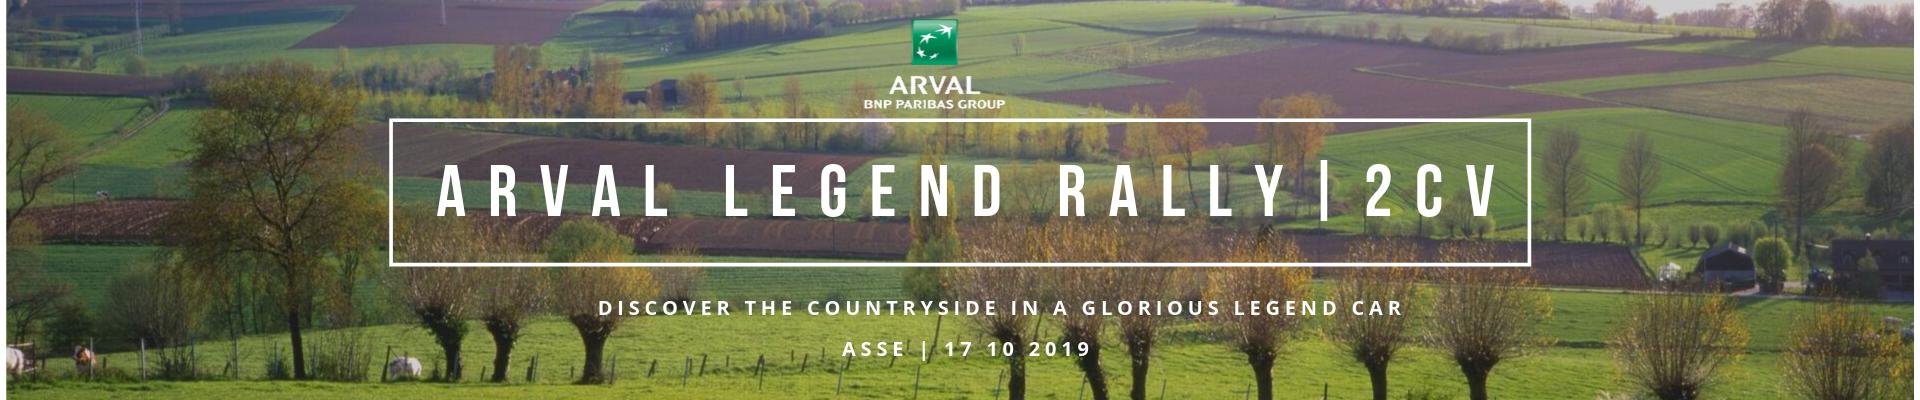 'Arval Legend Rally' | 2CV'